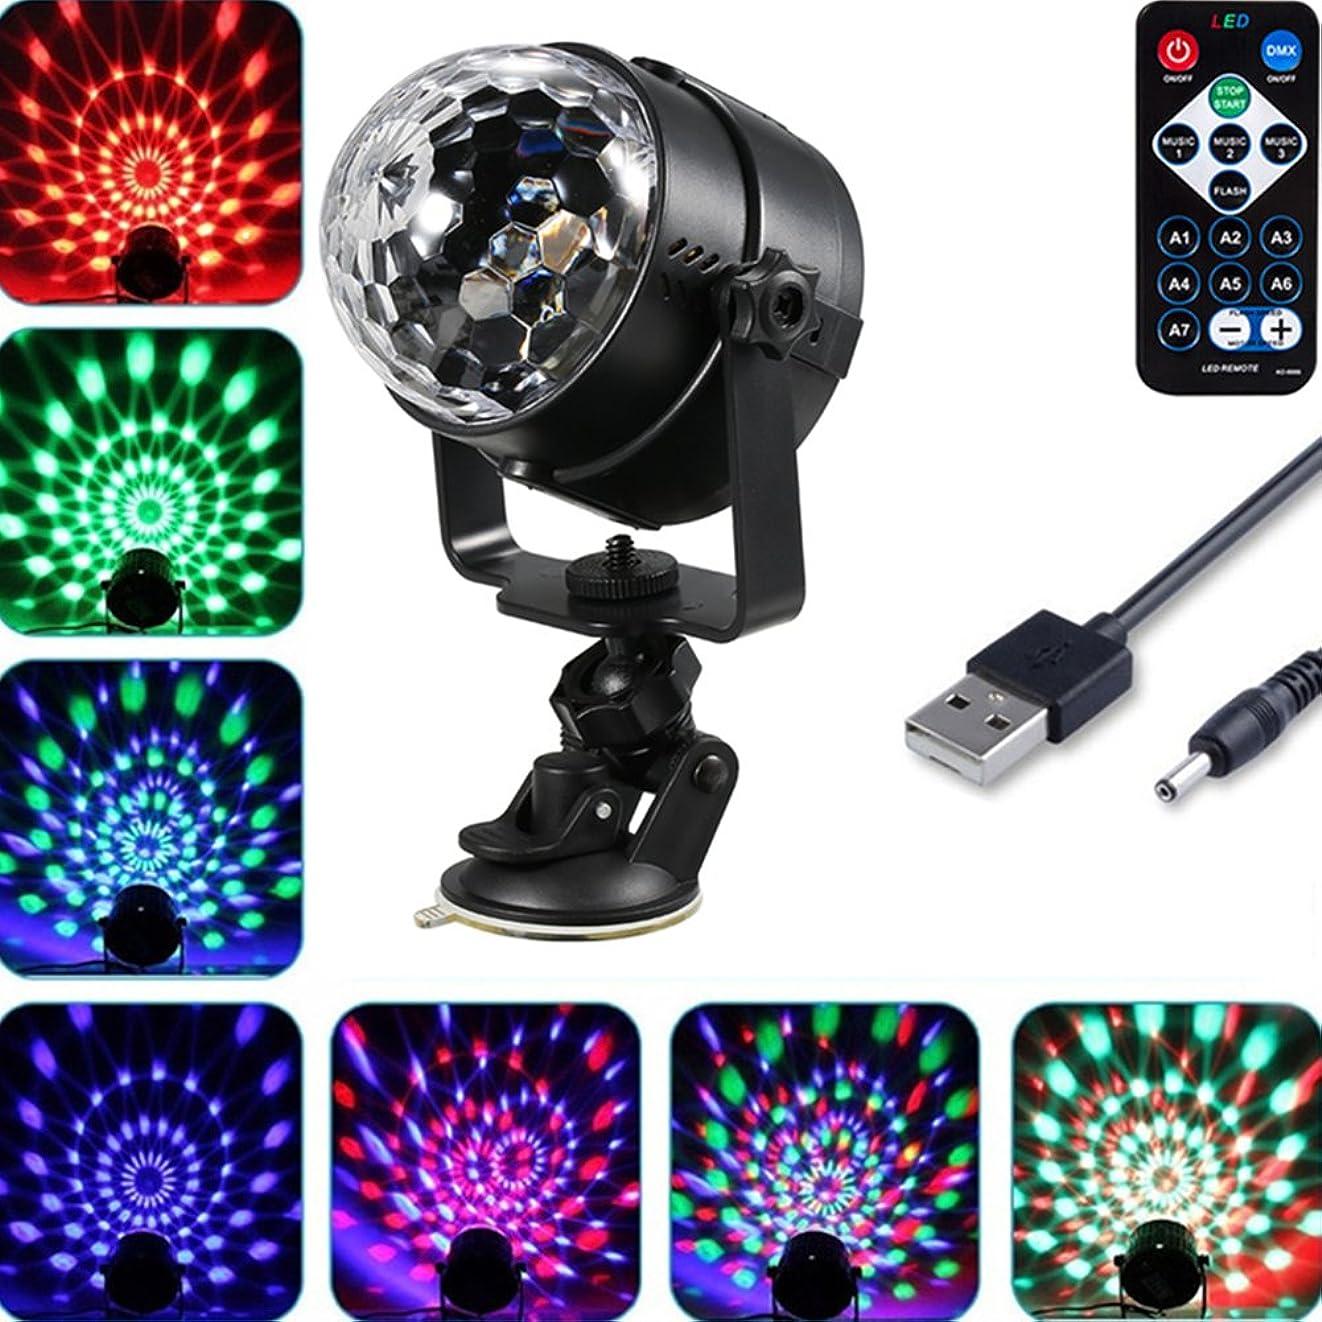 恐ろしいです望み眼ocamo USBディスコライト車ライト7色変更RGB Miniクリスタルマジック回転ボール効果ライトパーティーディスコクラブDJライトShow 3?W voice-activated self-propelledストロボ mhy-HP180721-JJ-1A6F8CF428